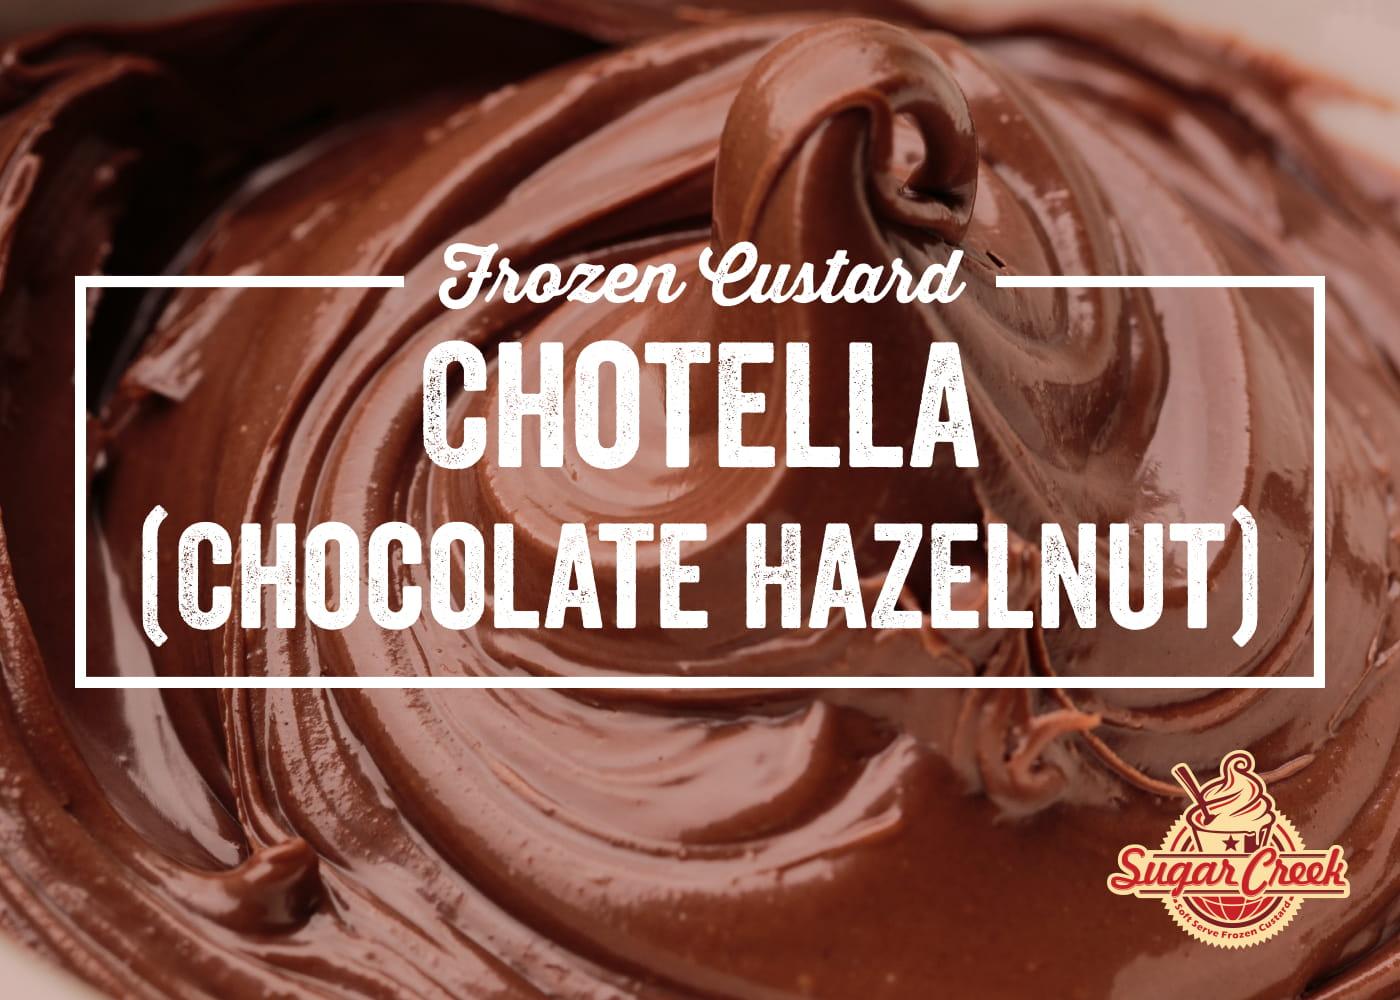 Custard - Chotella-1.jpg